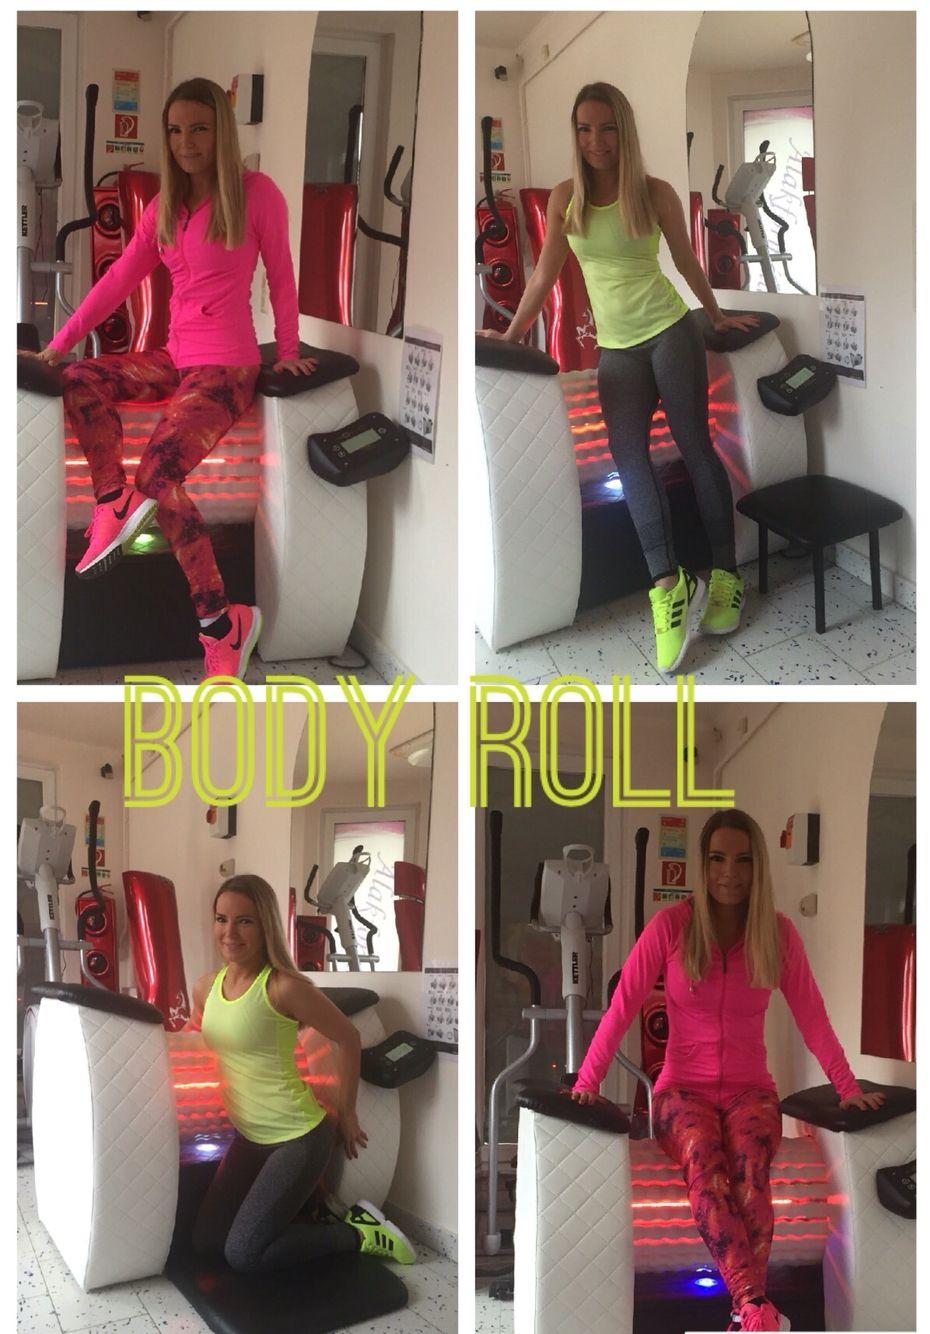 BodyRoll